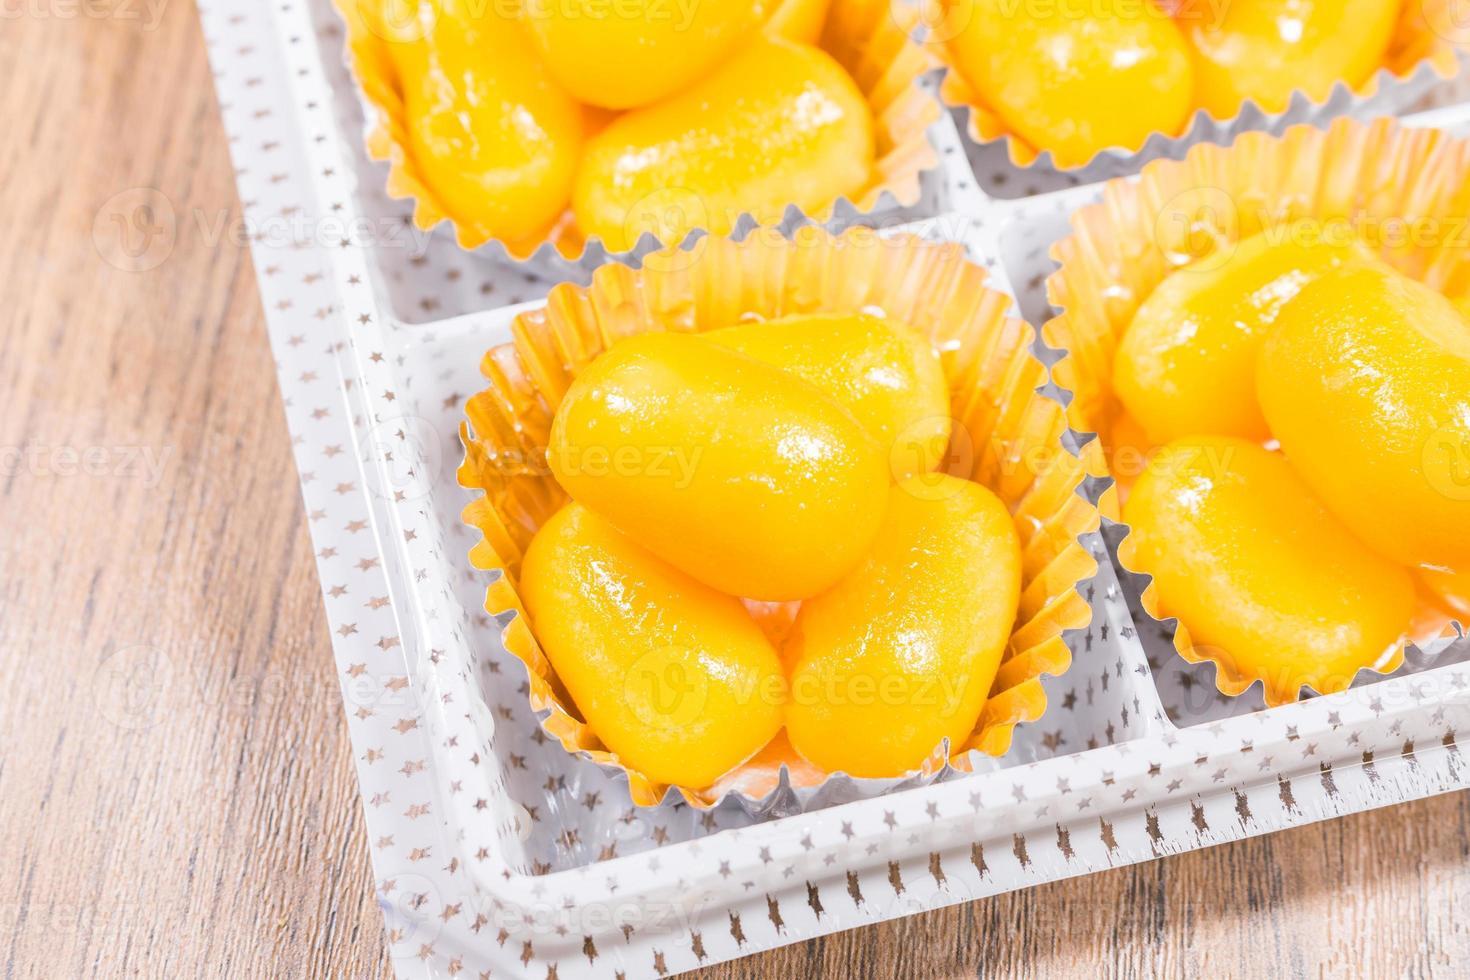 goldene Jackfruchtsamen, traf Khanoon: das Dessert foto